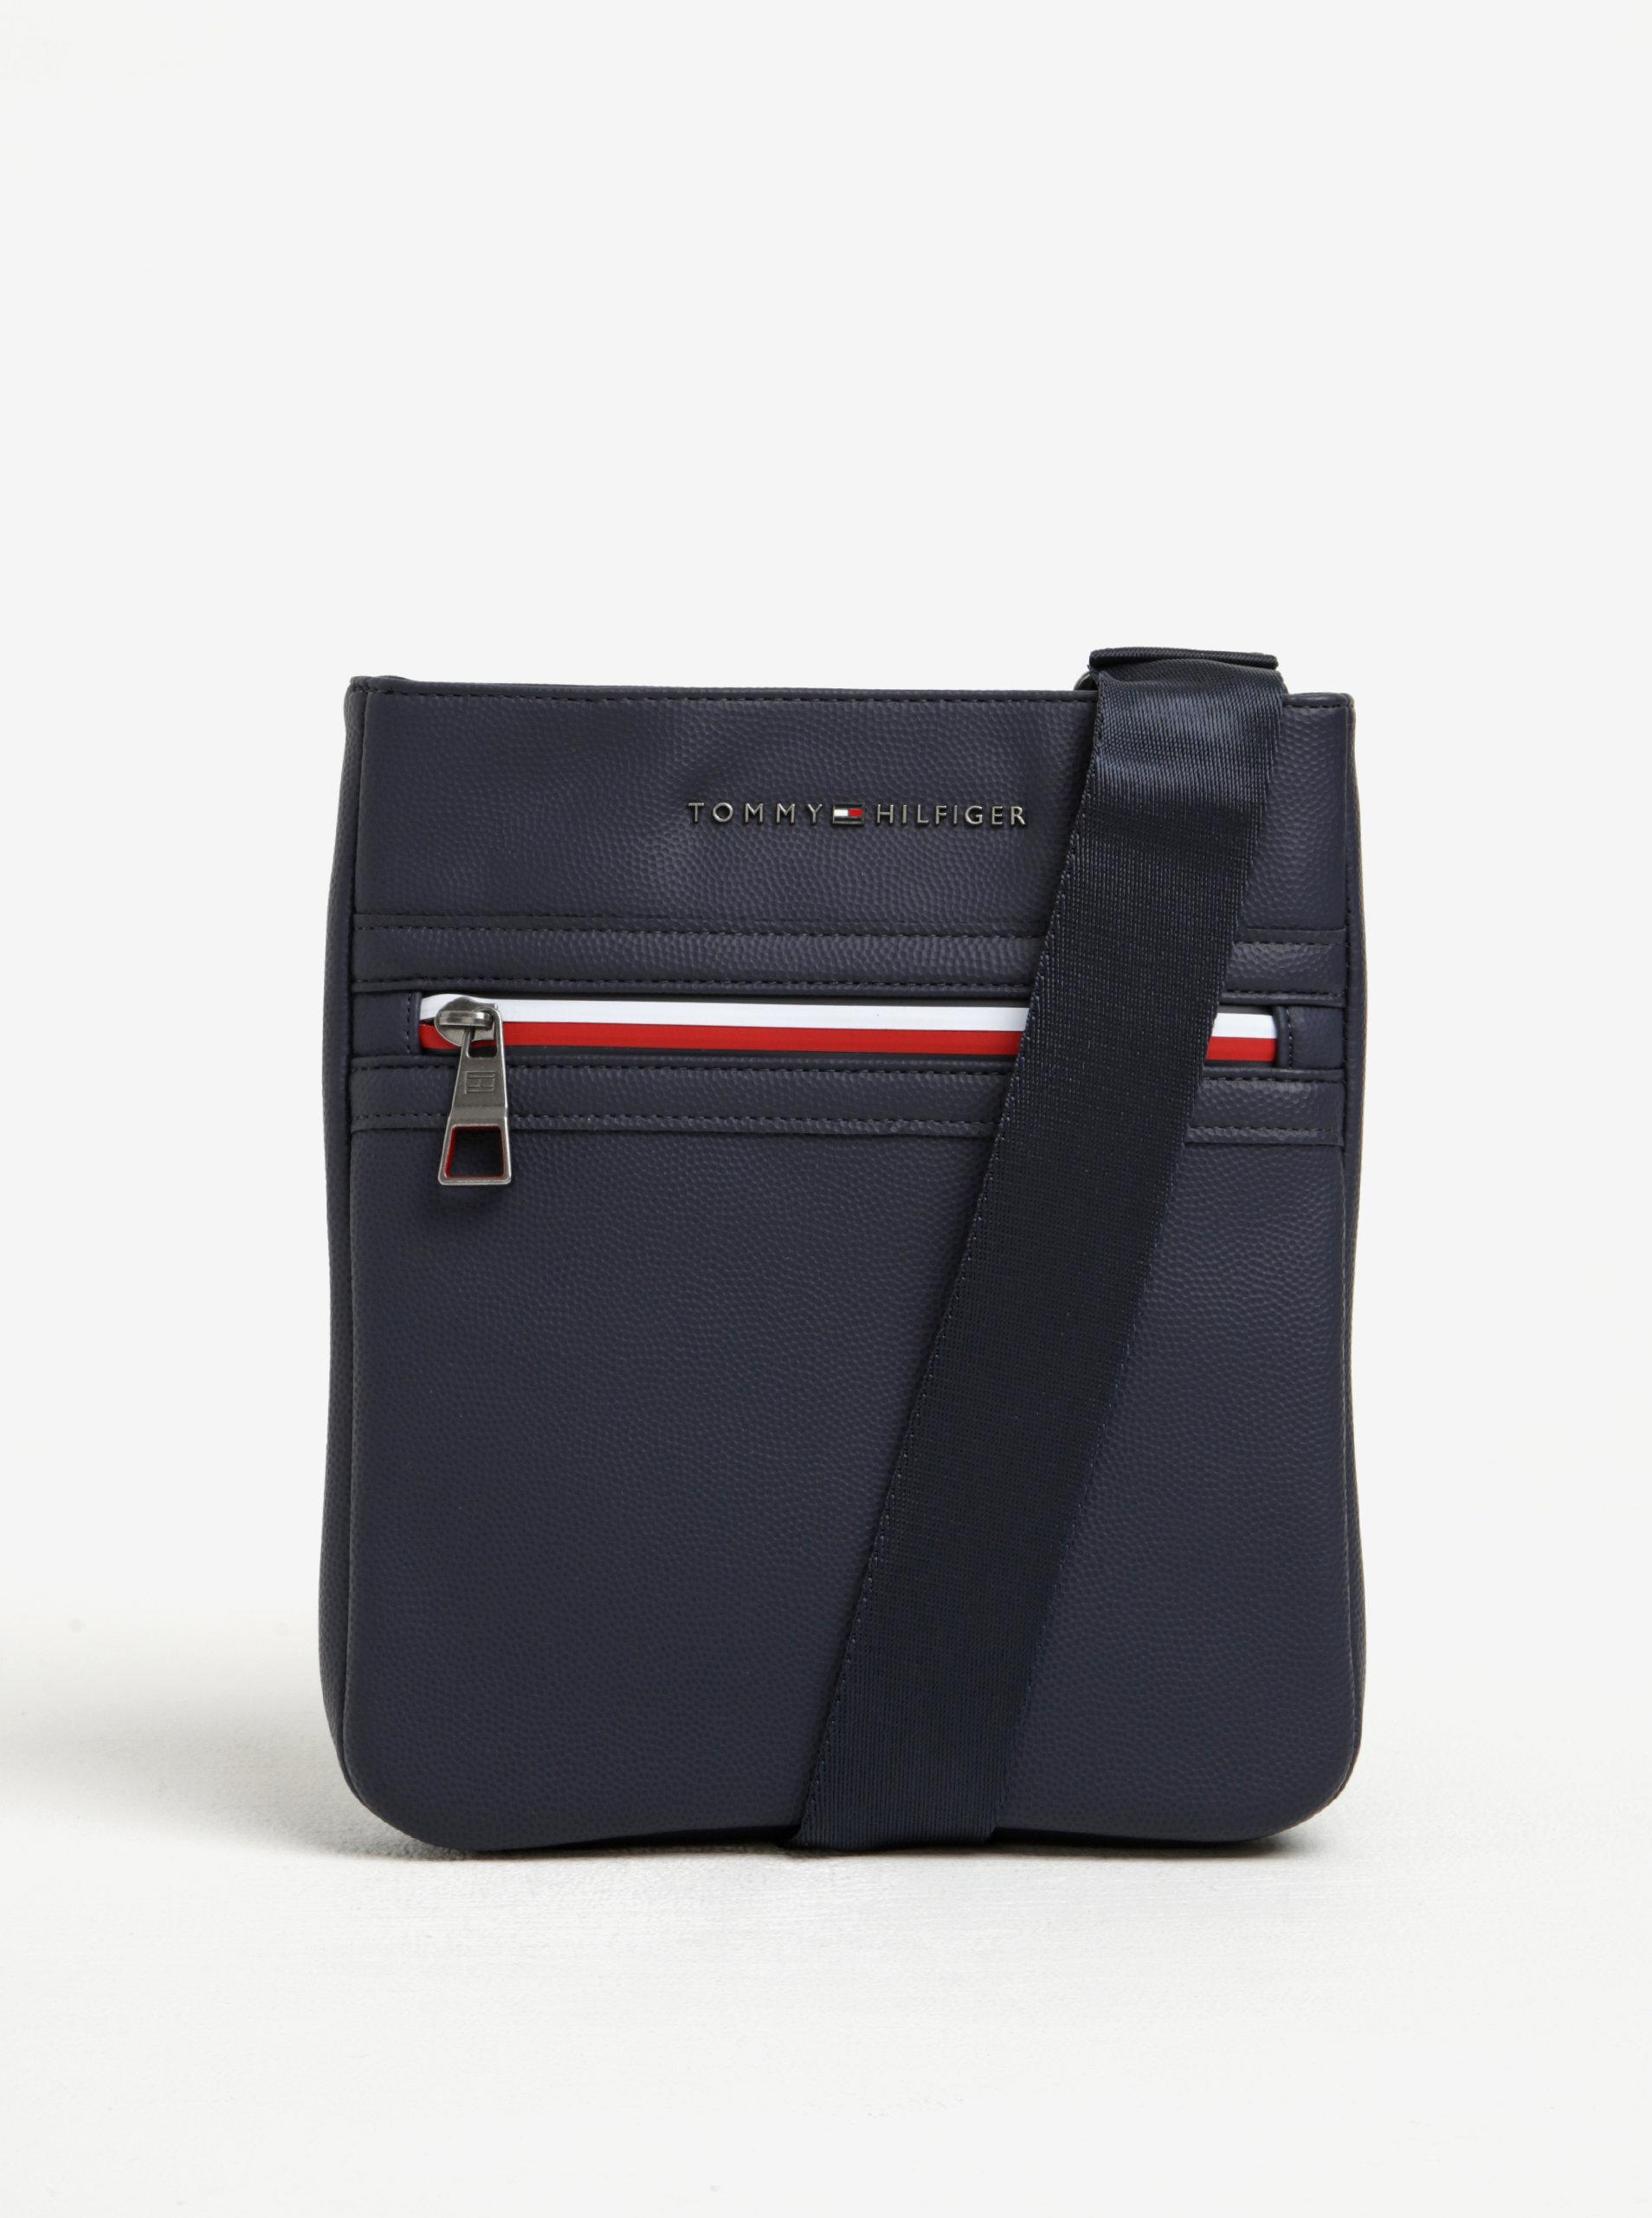 23779db133 Tmavě modrá pánská crossbody taška Tommy Hilfiger ...